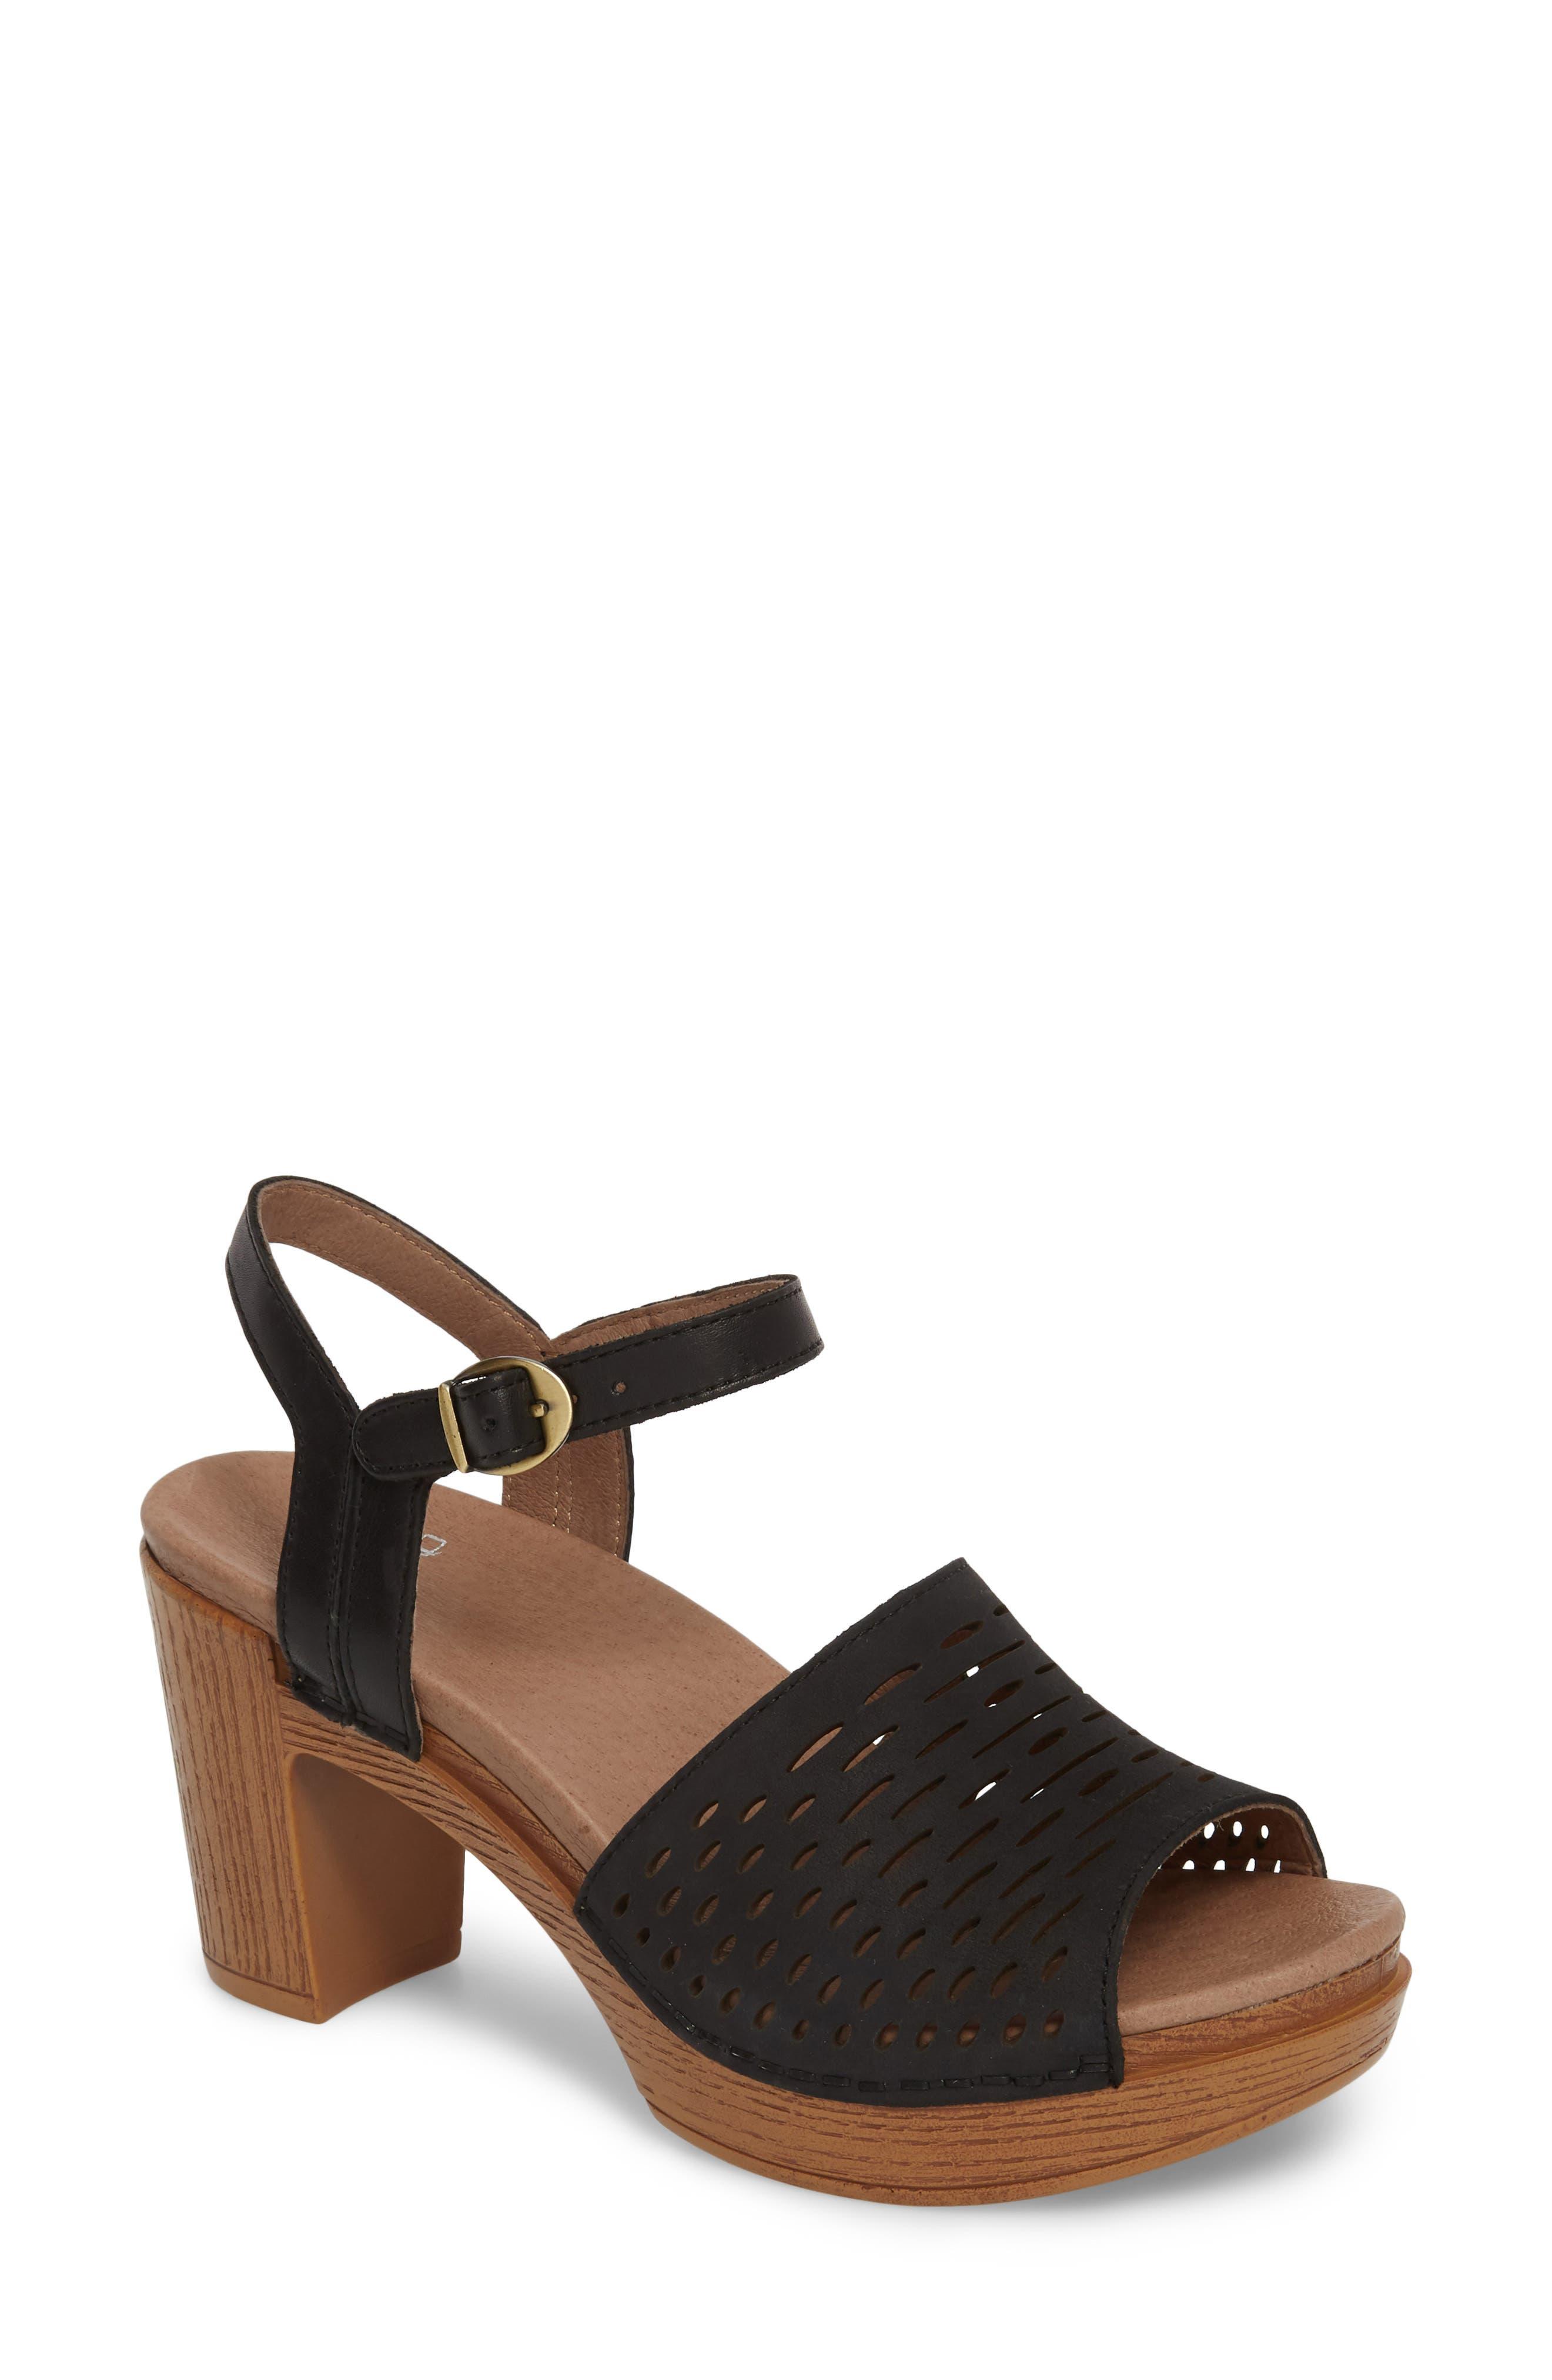 Denita Block Heel Sandal,                             Main thumbnail 1, color,                             001